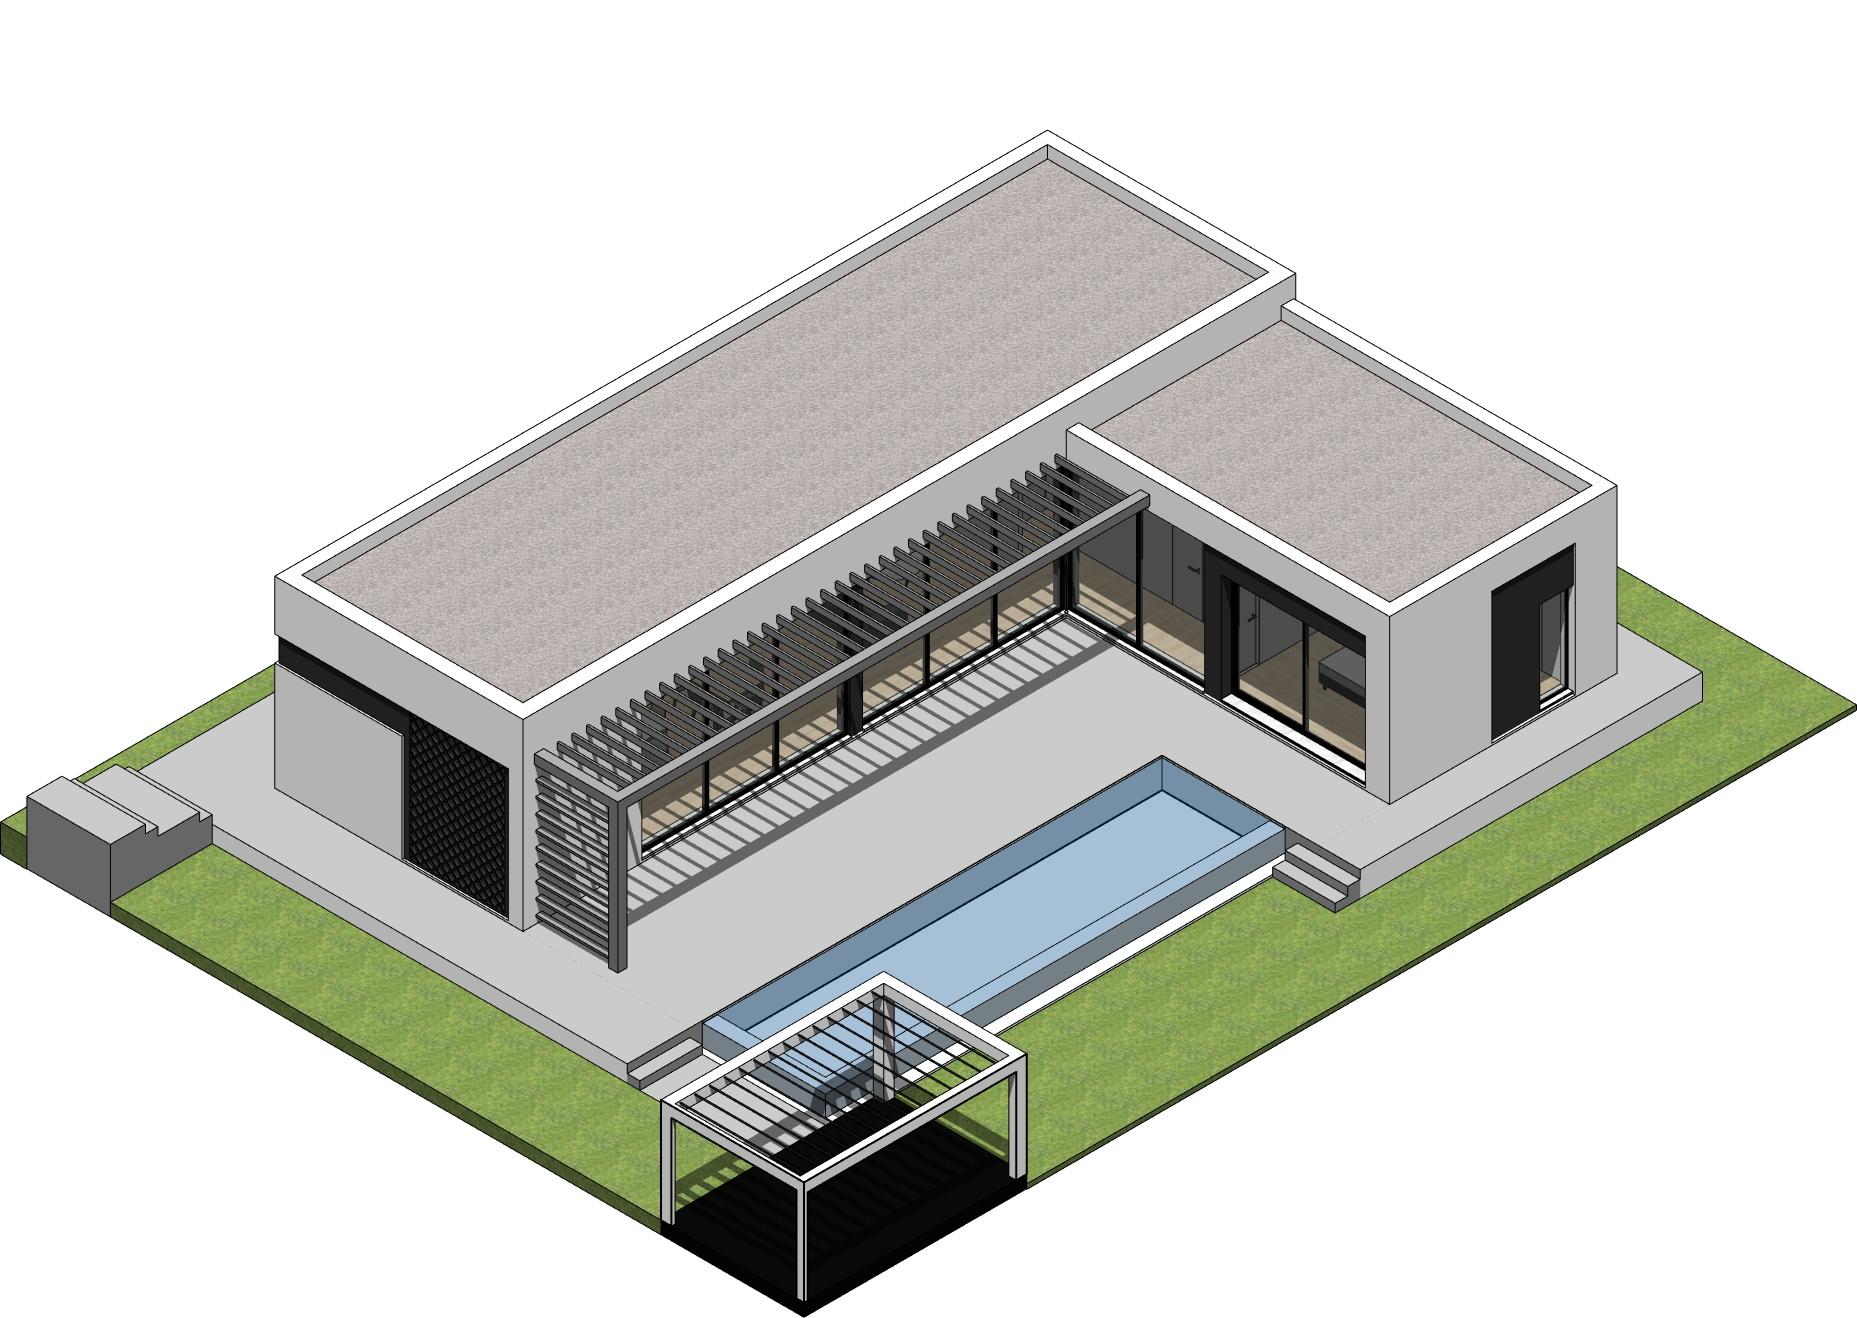 2021-02-09_Torrealquería P8 – Viviendas aisladas y pareadas